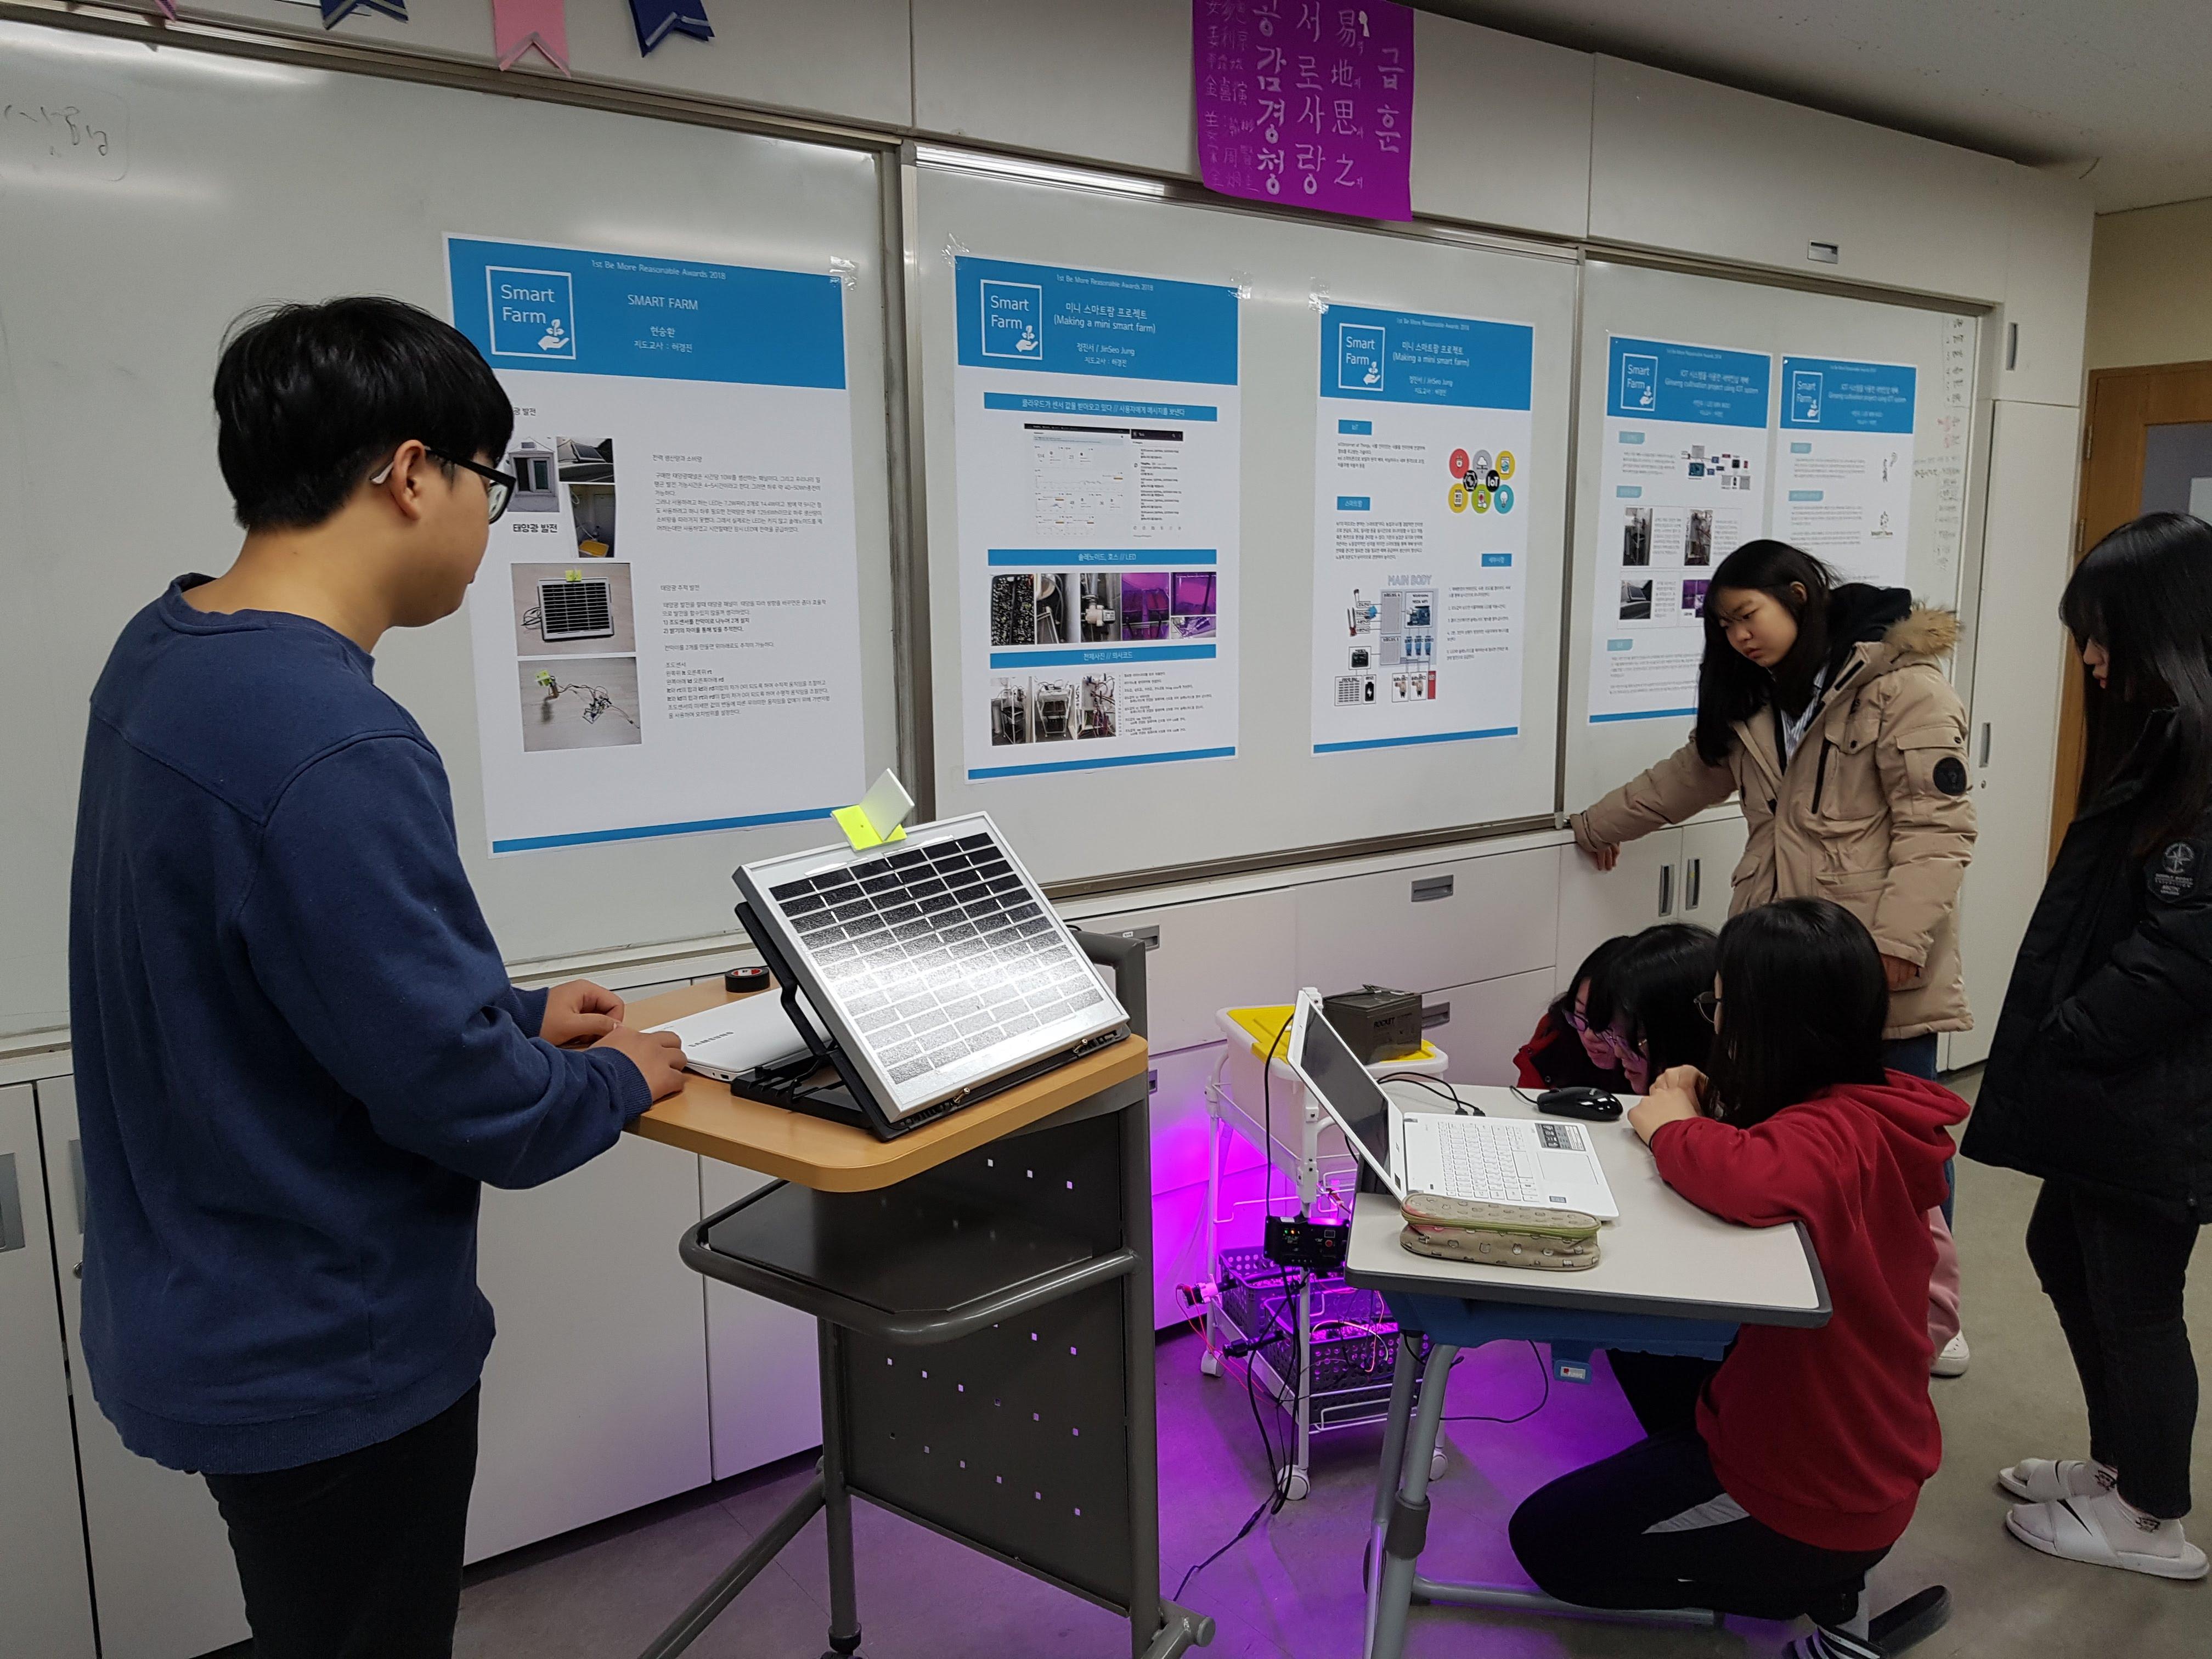 3-5. R&E(Research & Education) 및 졸업 소논문 발표